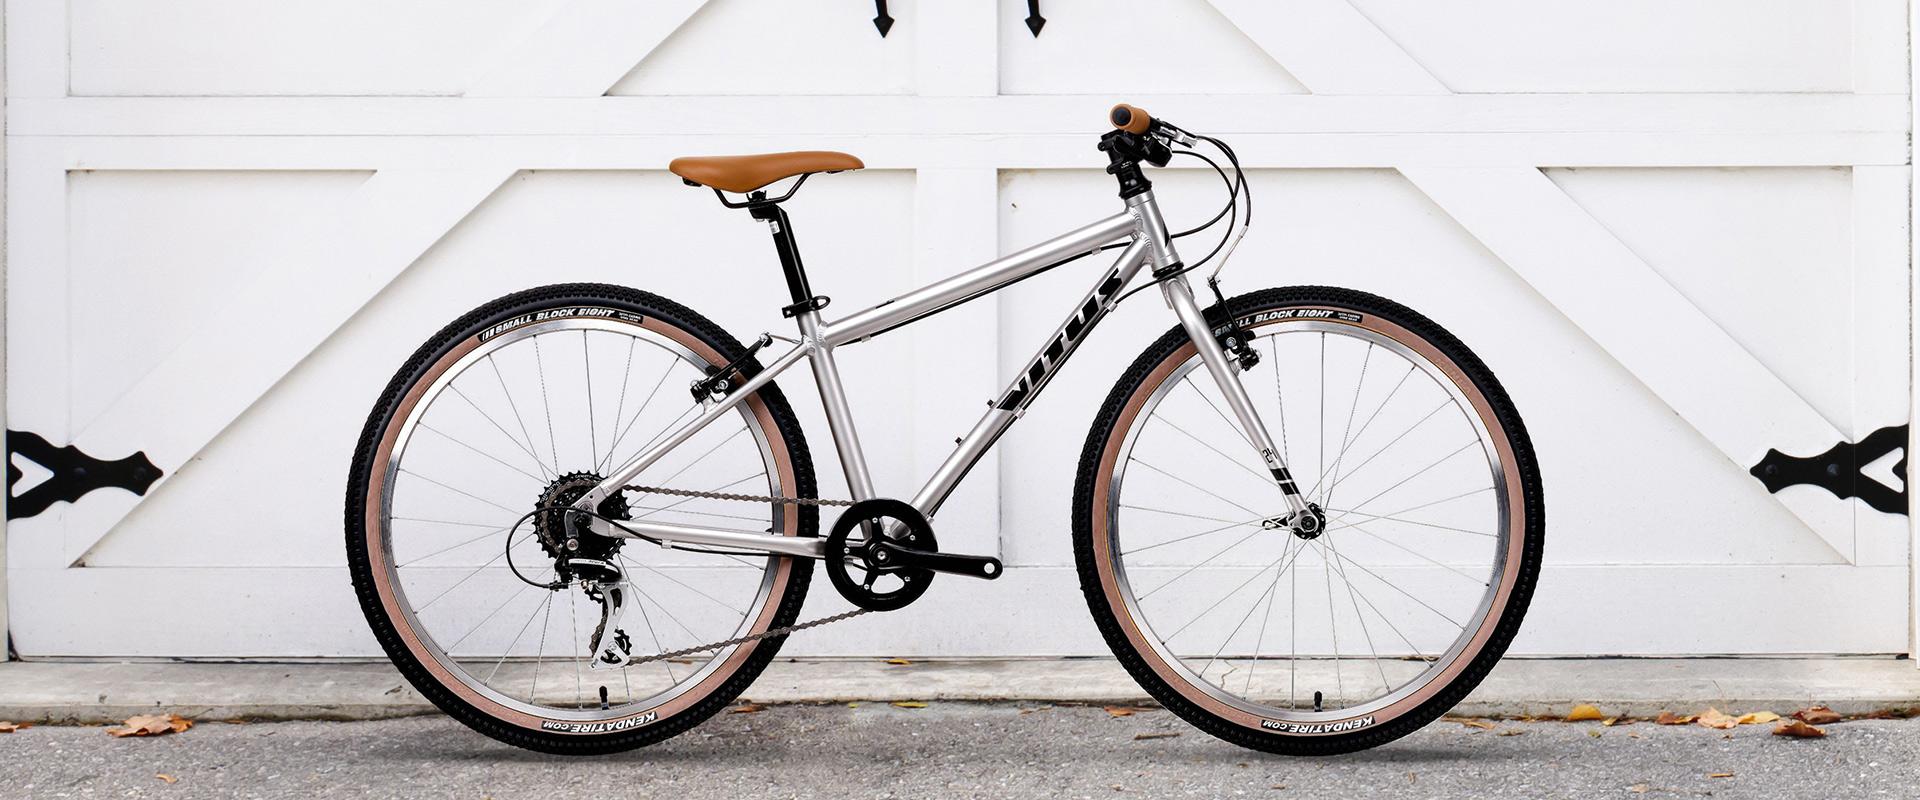 24 Kids Bike